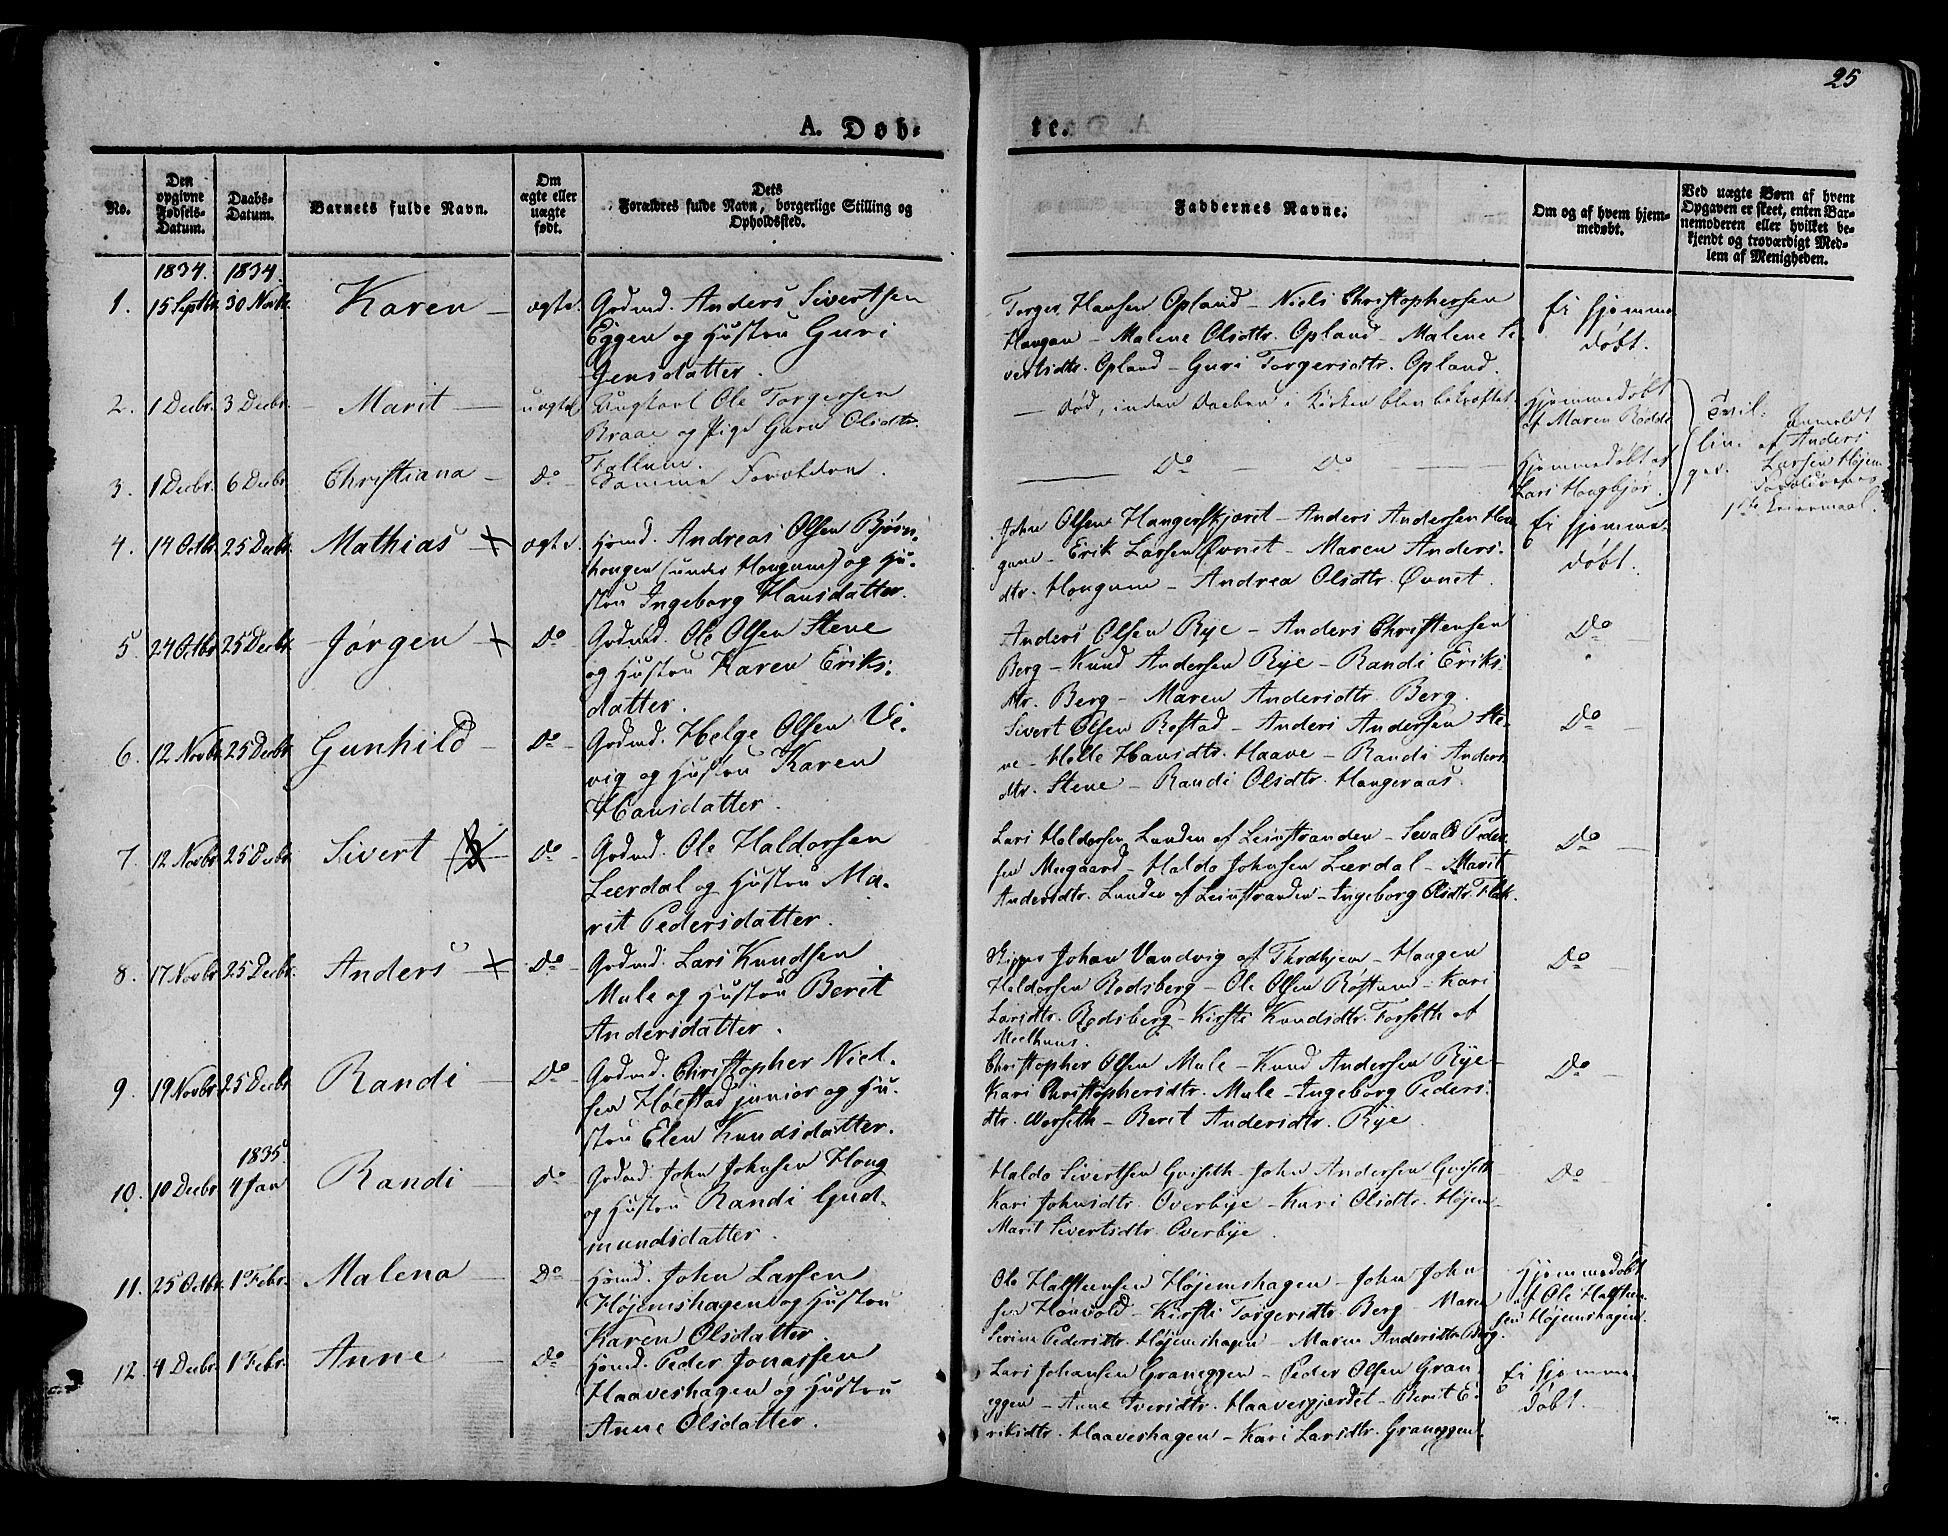 SAT, Ministerialprotokoller, klokkerbøker og fødselsregistre - Sør-Trøndelag, 612/L0374: Ministerialbok nr. 612A07 /1, 1829-1845, s. 25